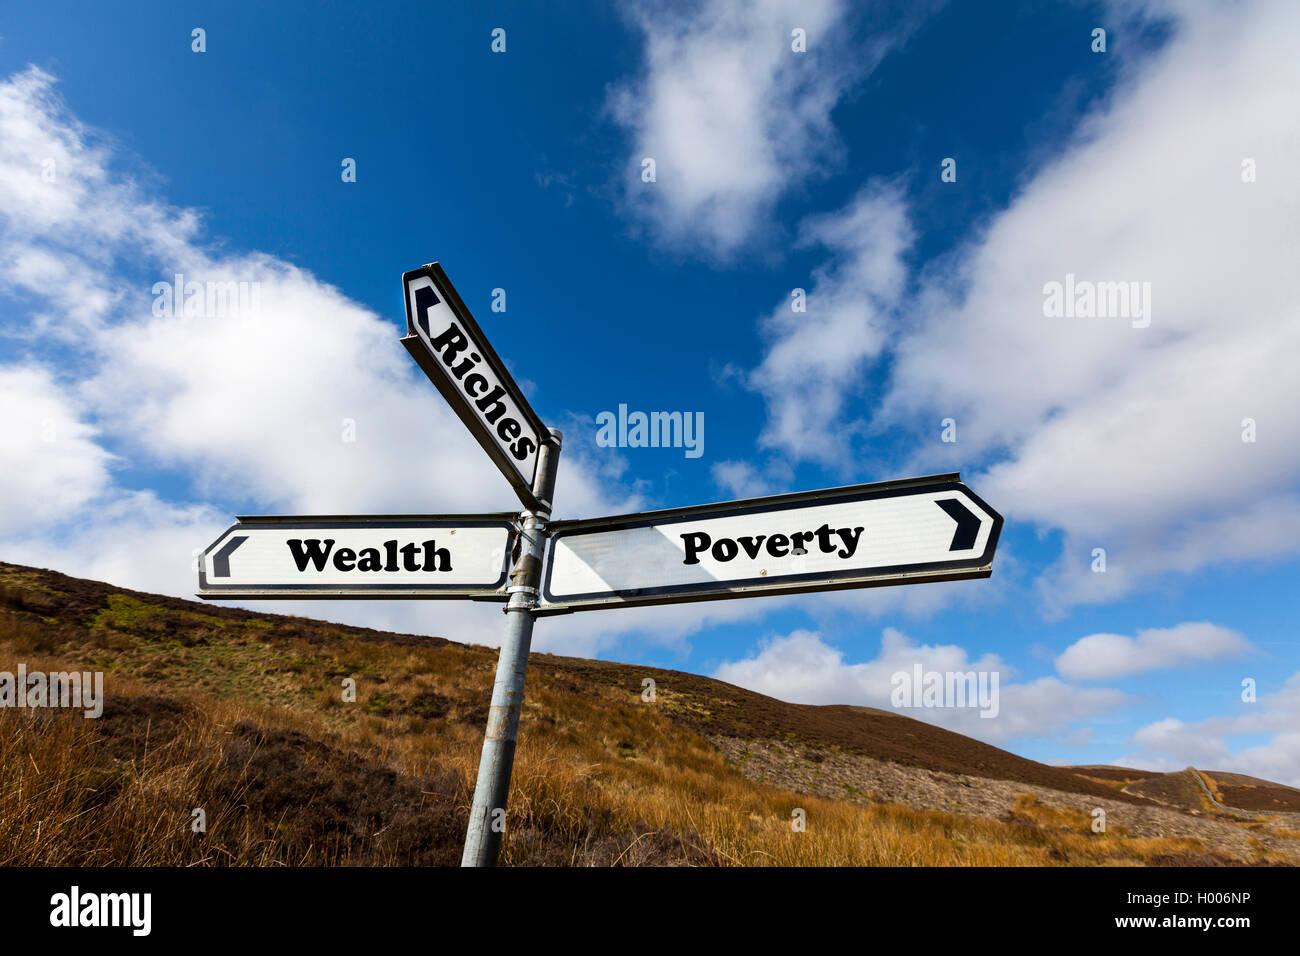 La pobreza la riqueza la riqueza dinero concepto de estilo de vida cartel elección elegir la vida dirección Imagen De Stock